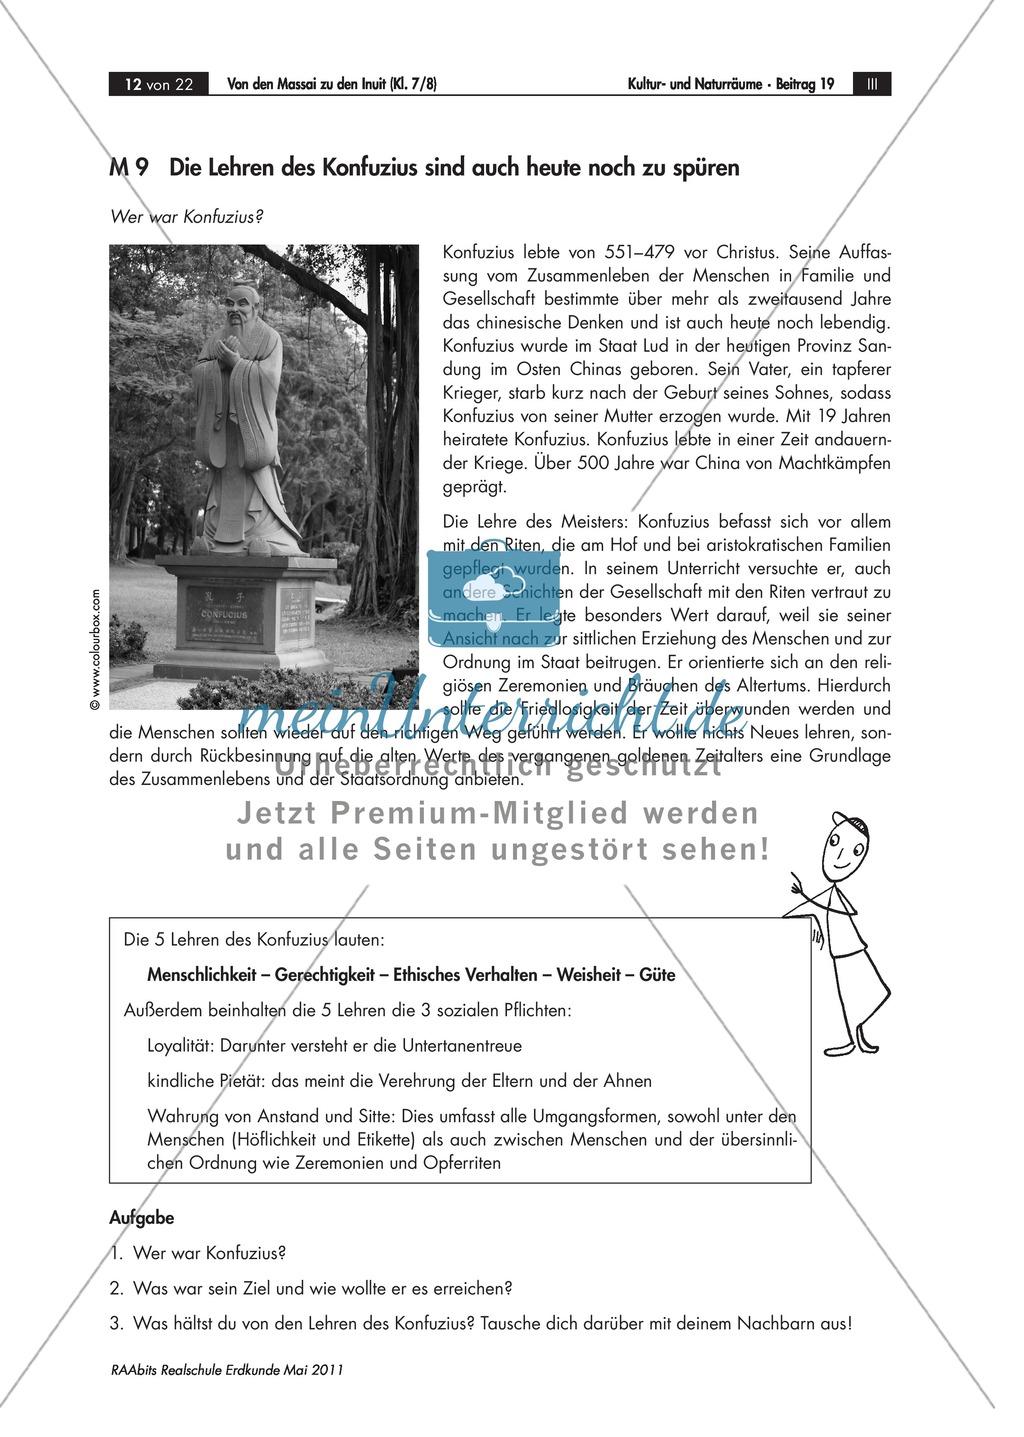 Interkulturelle Kompetenzen entwickeln: Kulturerdteile kennenlernen - Buddhistische Mönche und Konfuzius Preview 1